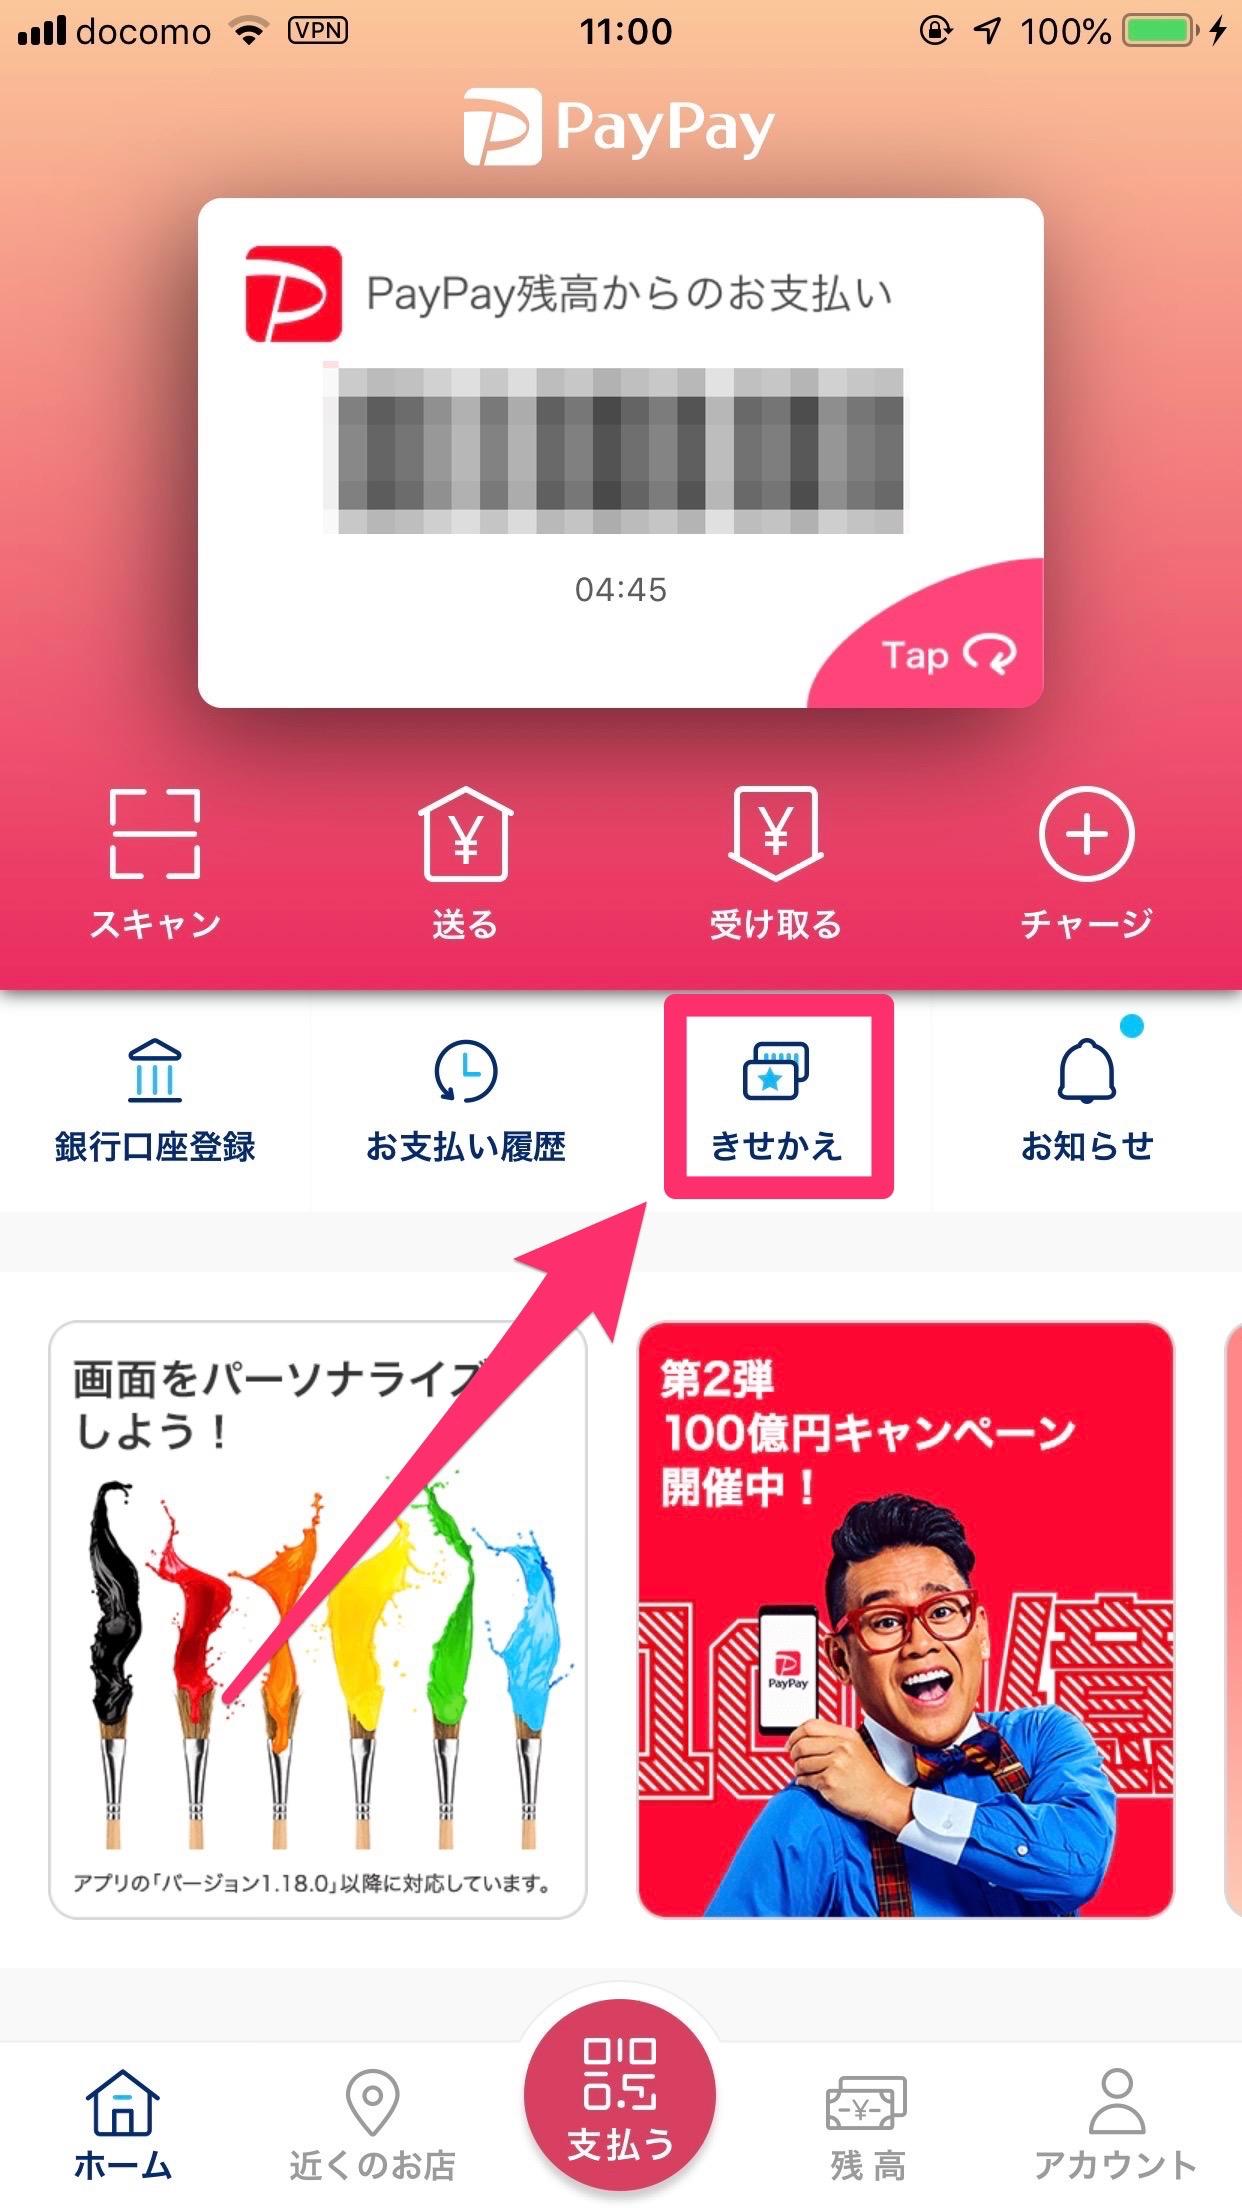 【PayPay】カードデザインを変更できる「カードきせかえ」機能を追加